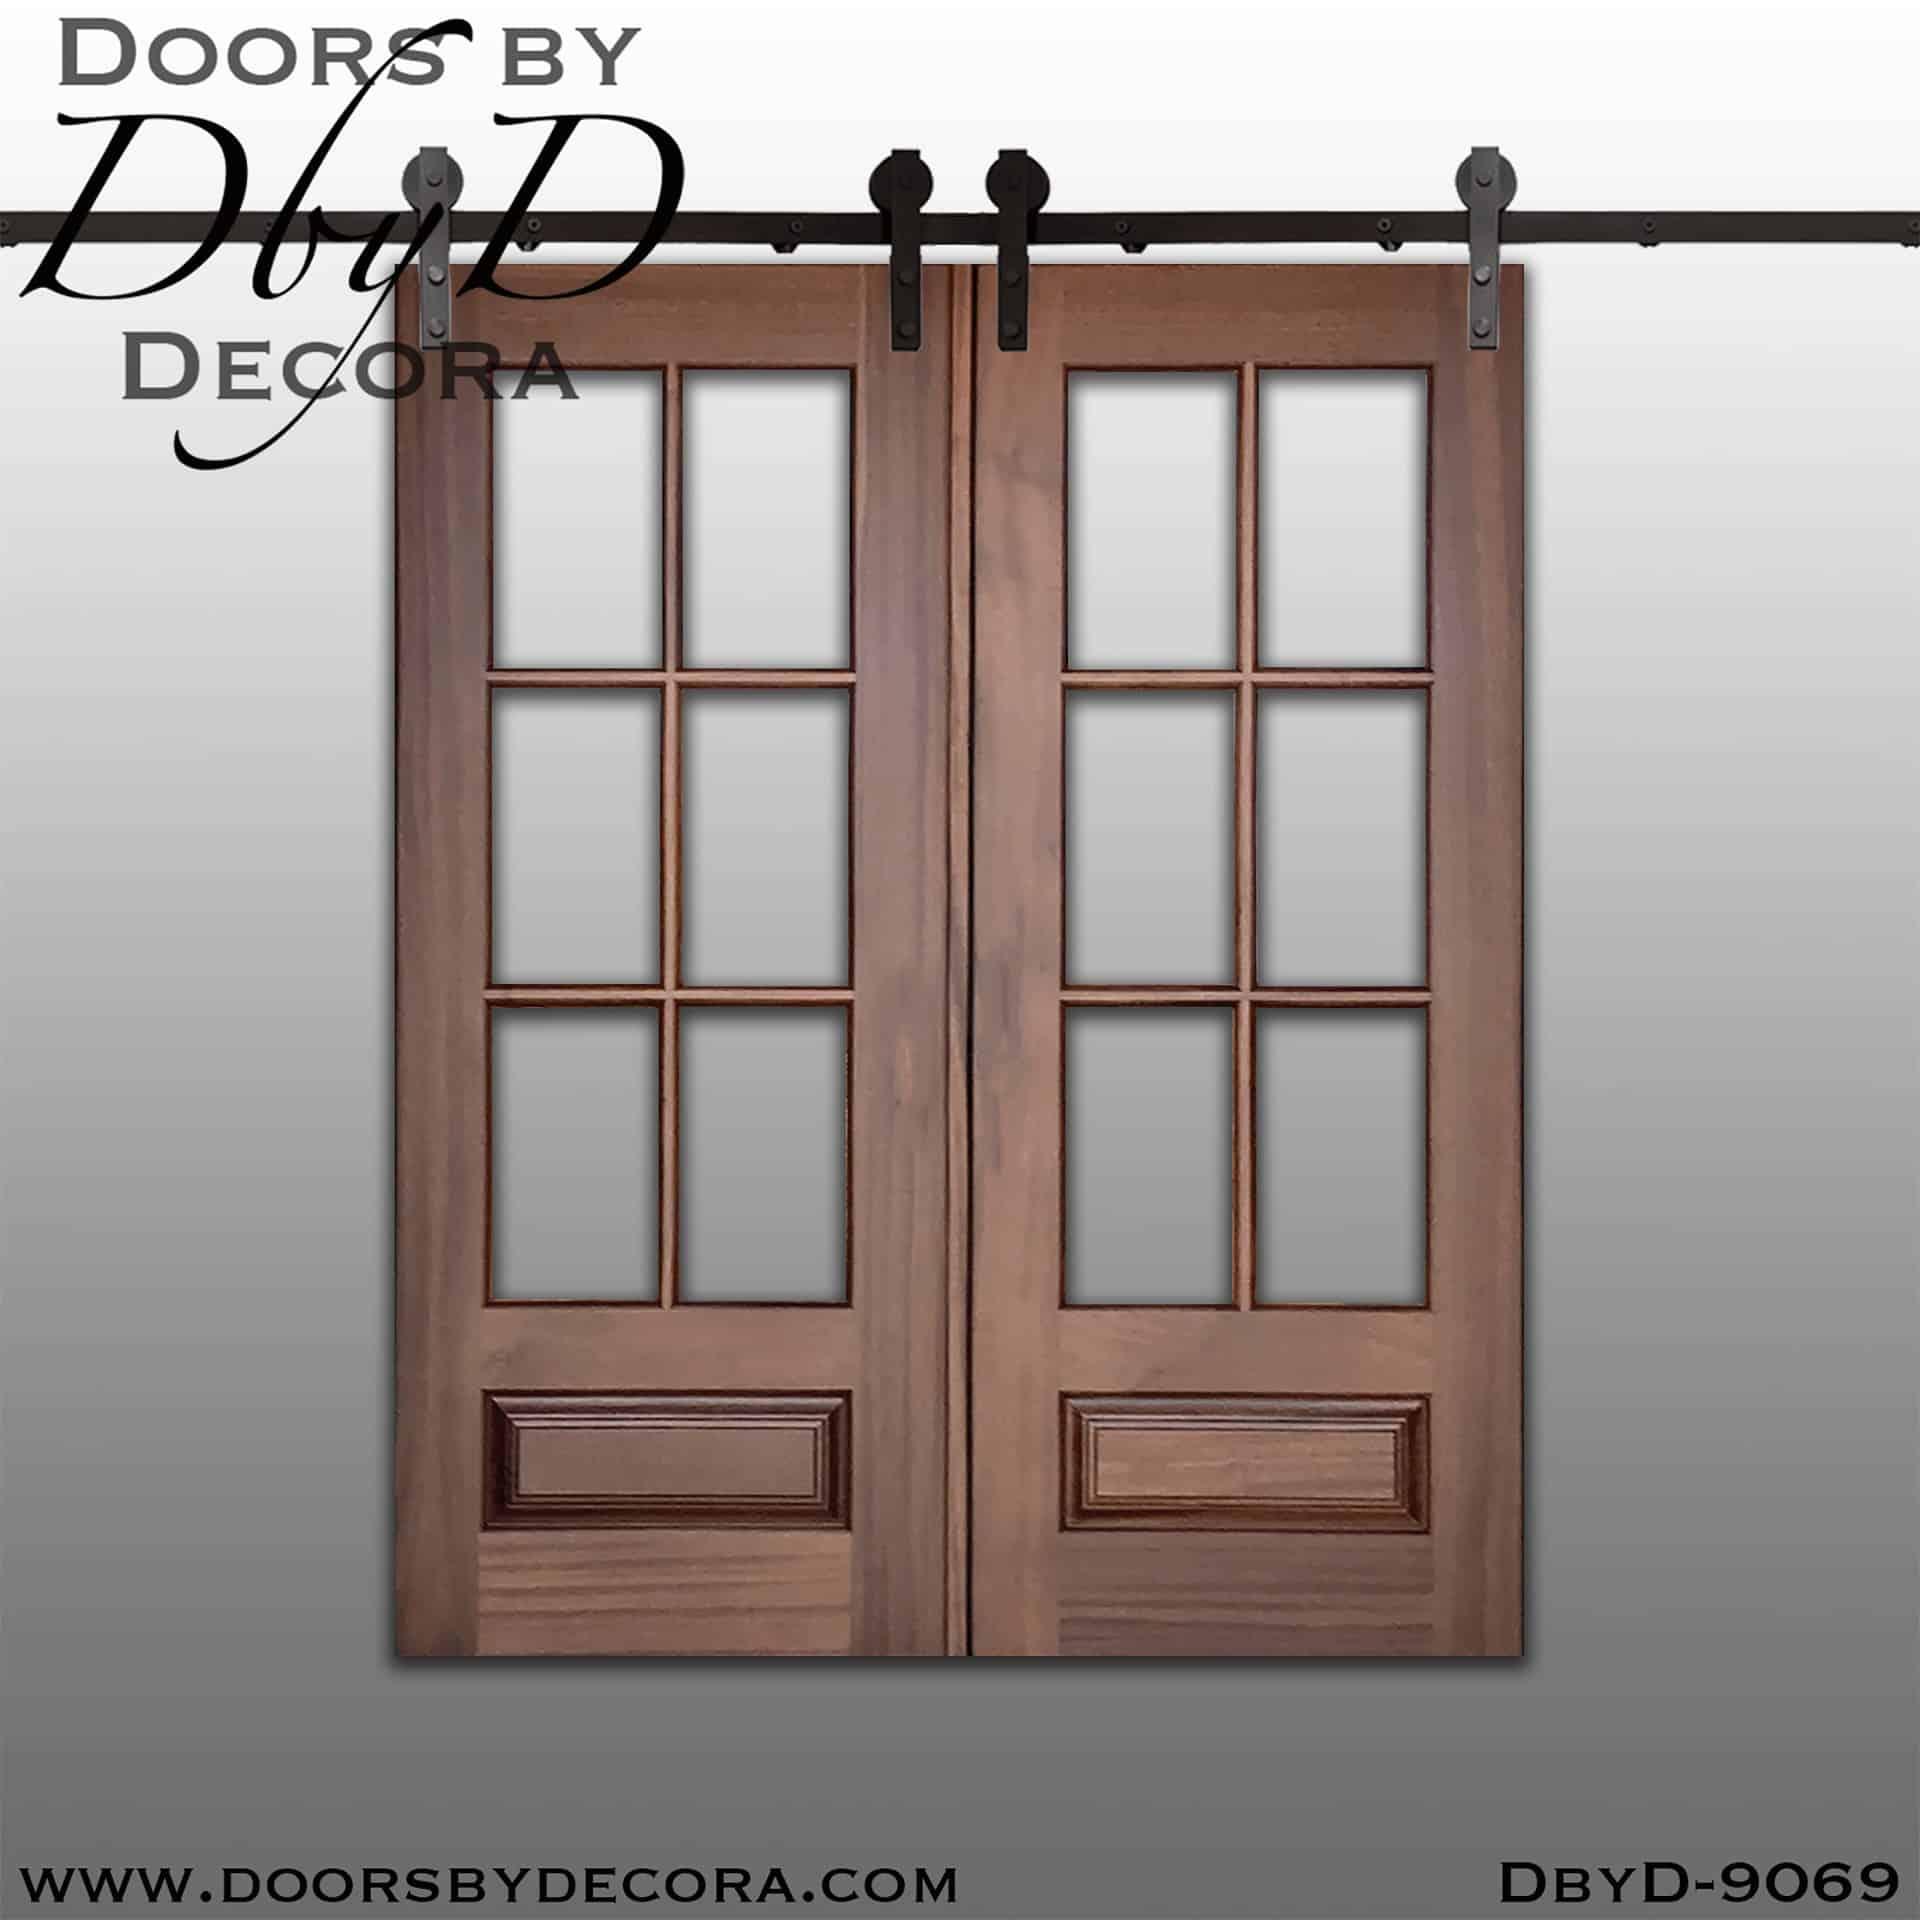 Custom Specialty Tdl Double Barn Doors Solid Wood Doors By Decora